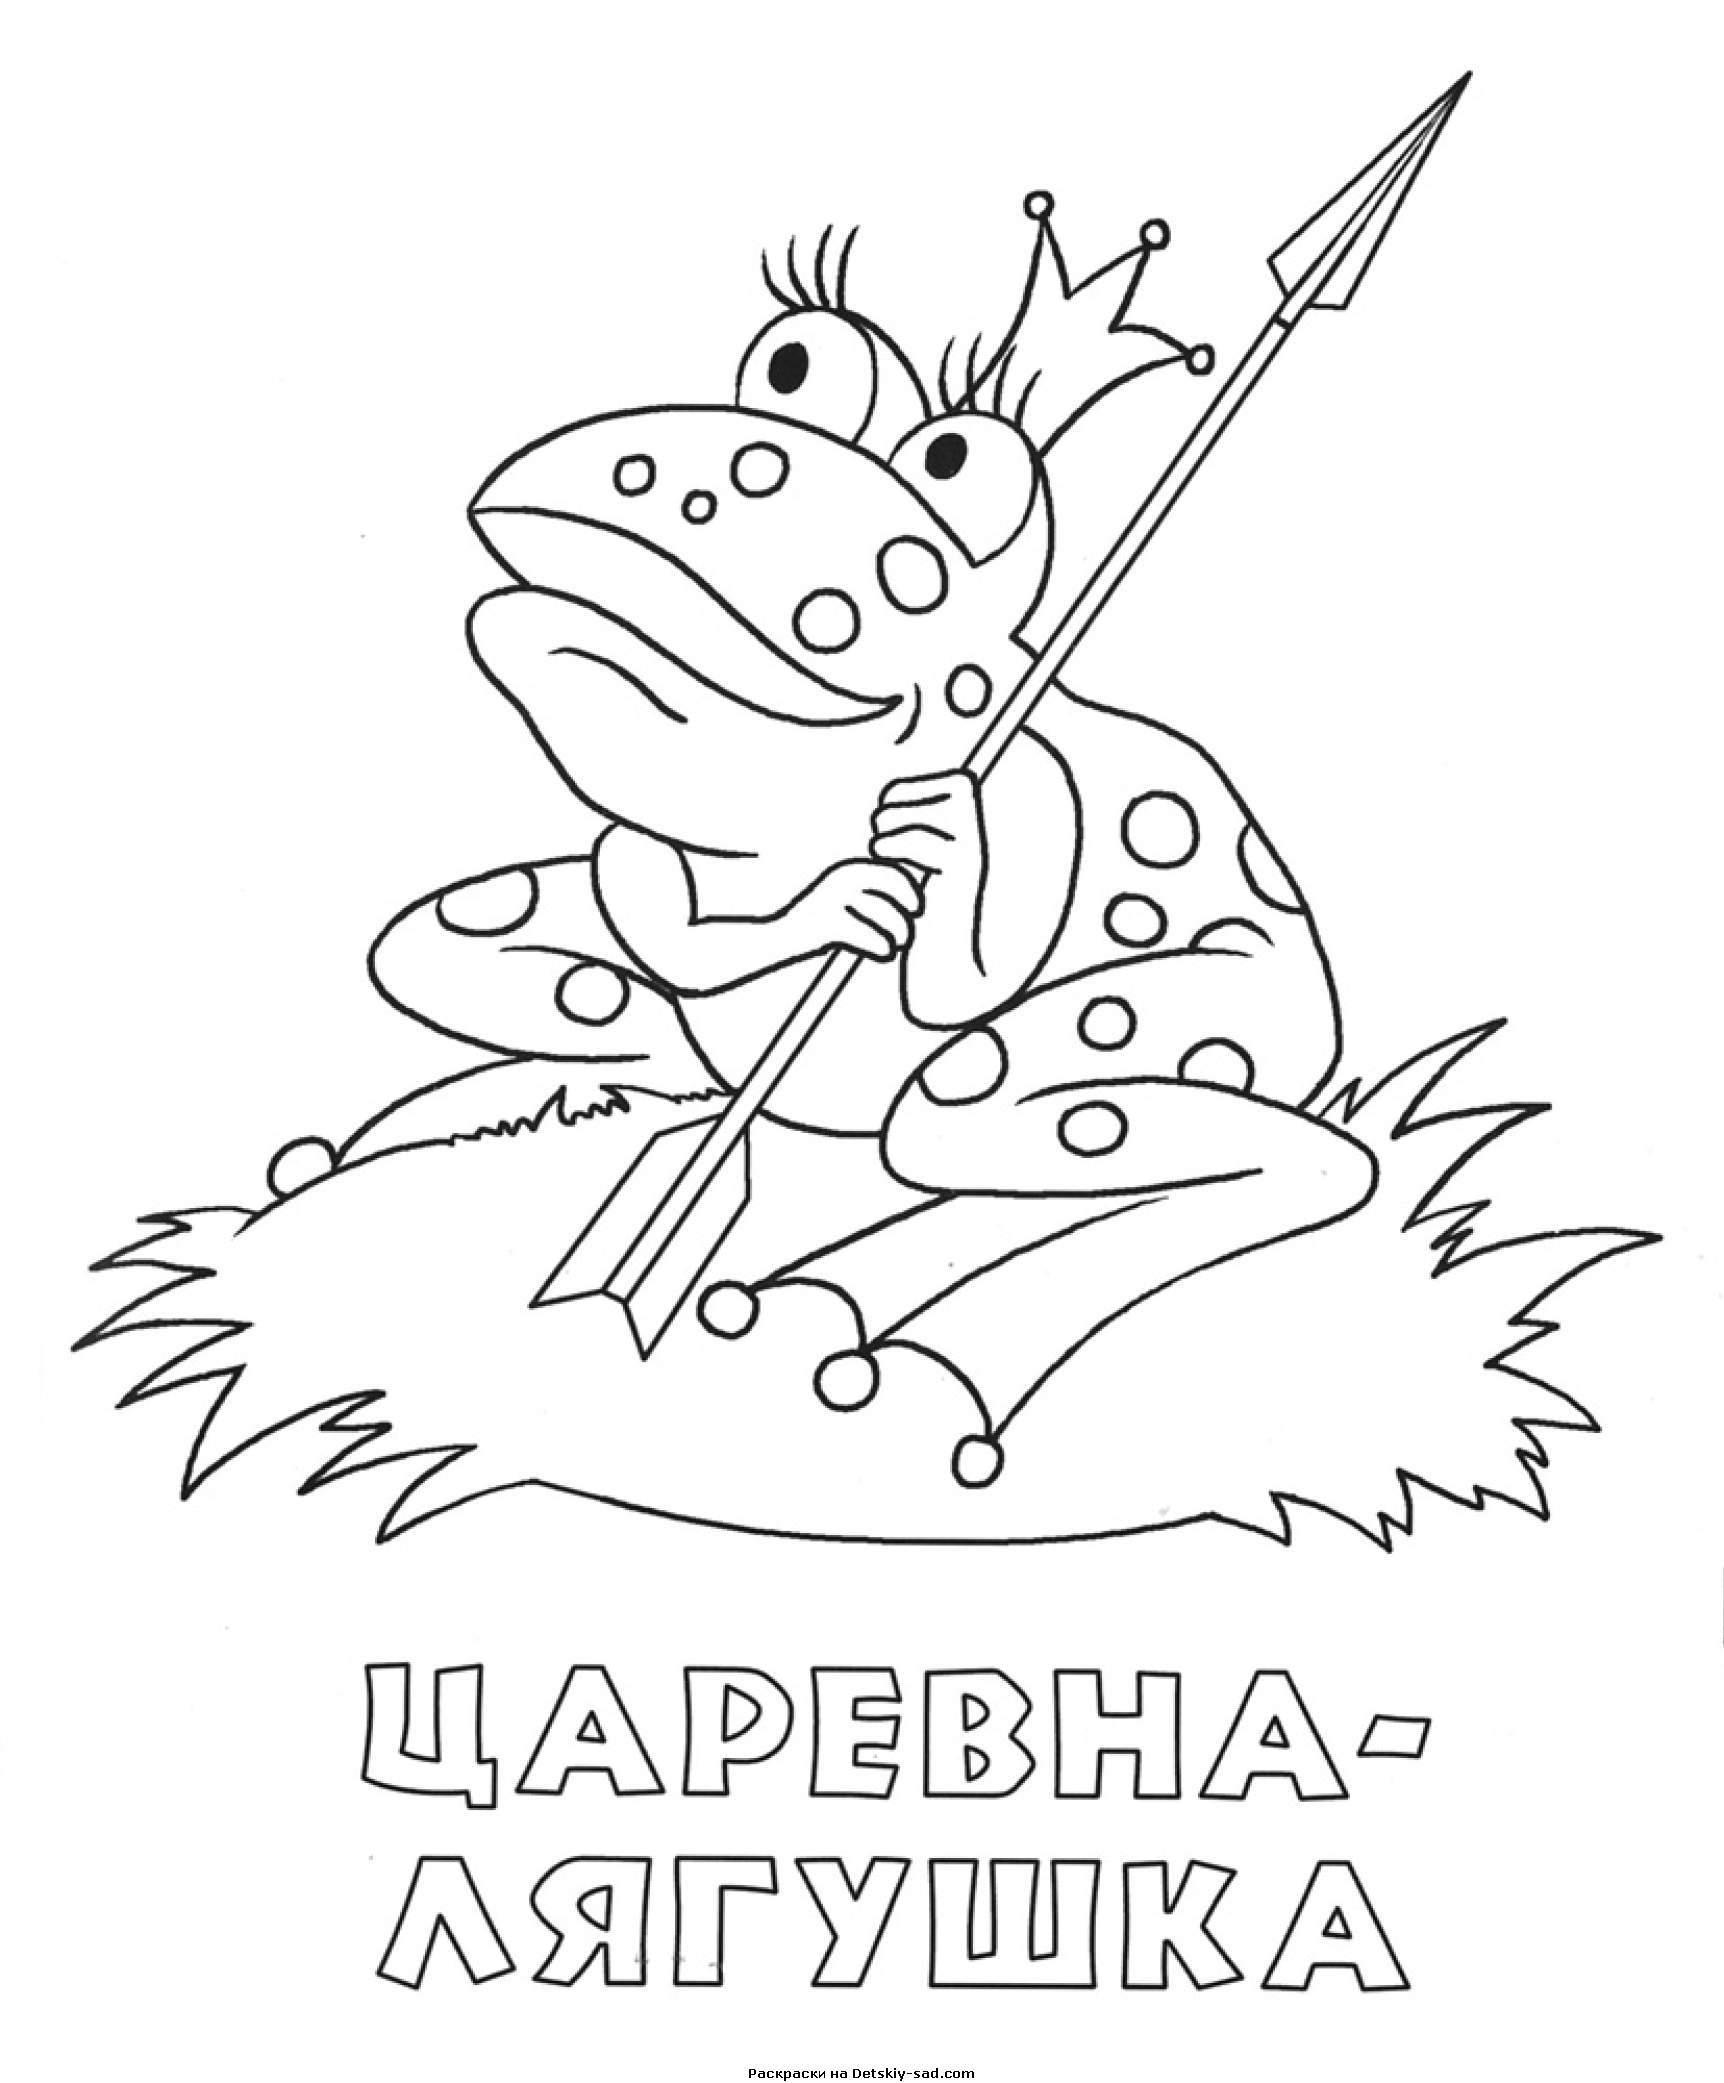 Розмальовки розмальовки до казки царівна жаба царівна жаба в короні зі стрілою, розфарбування по казці